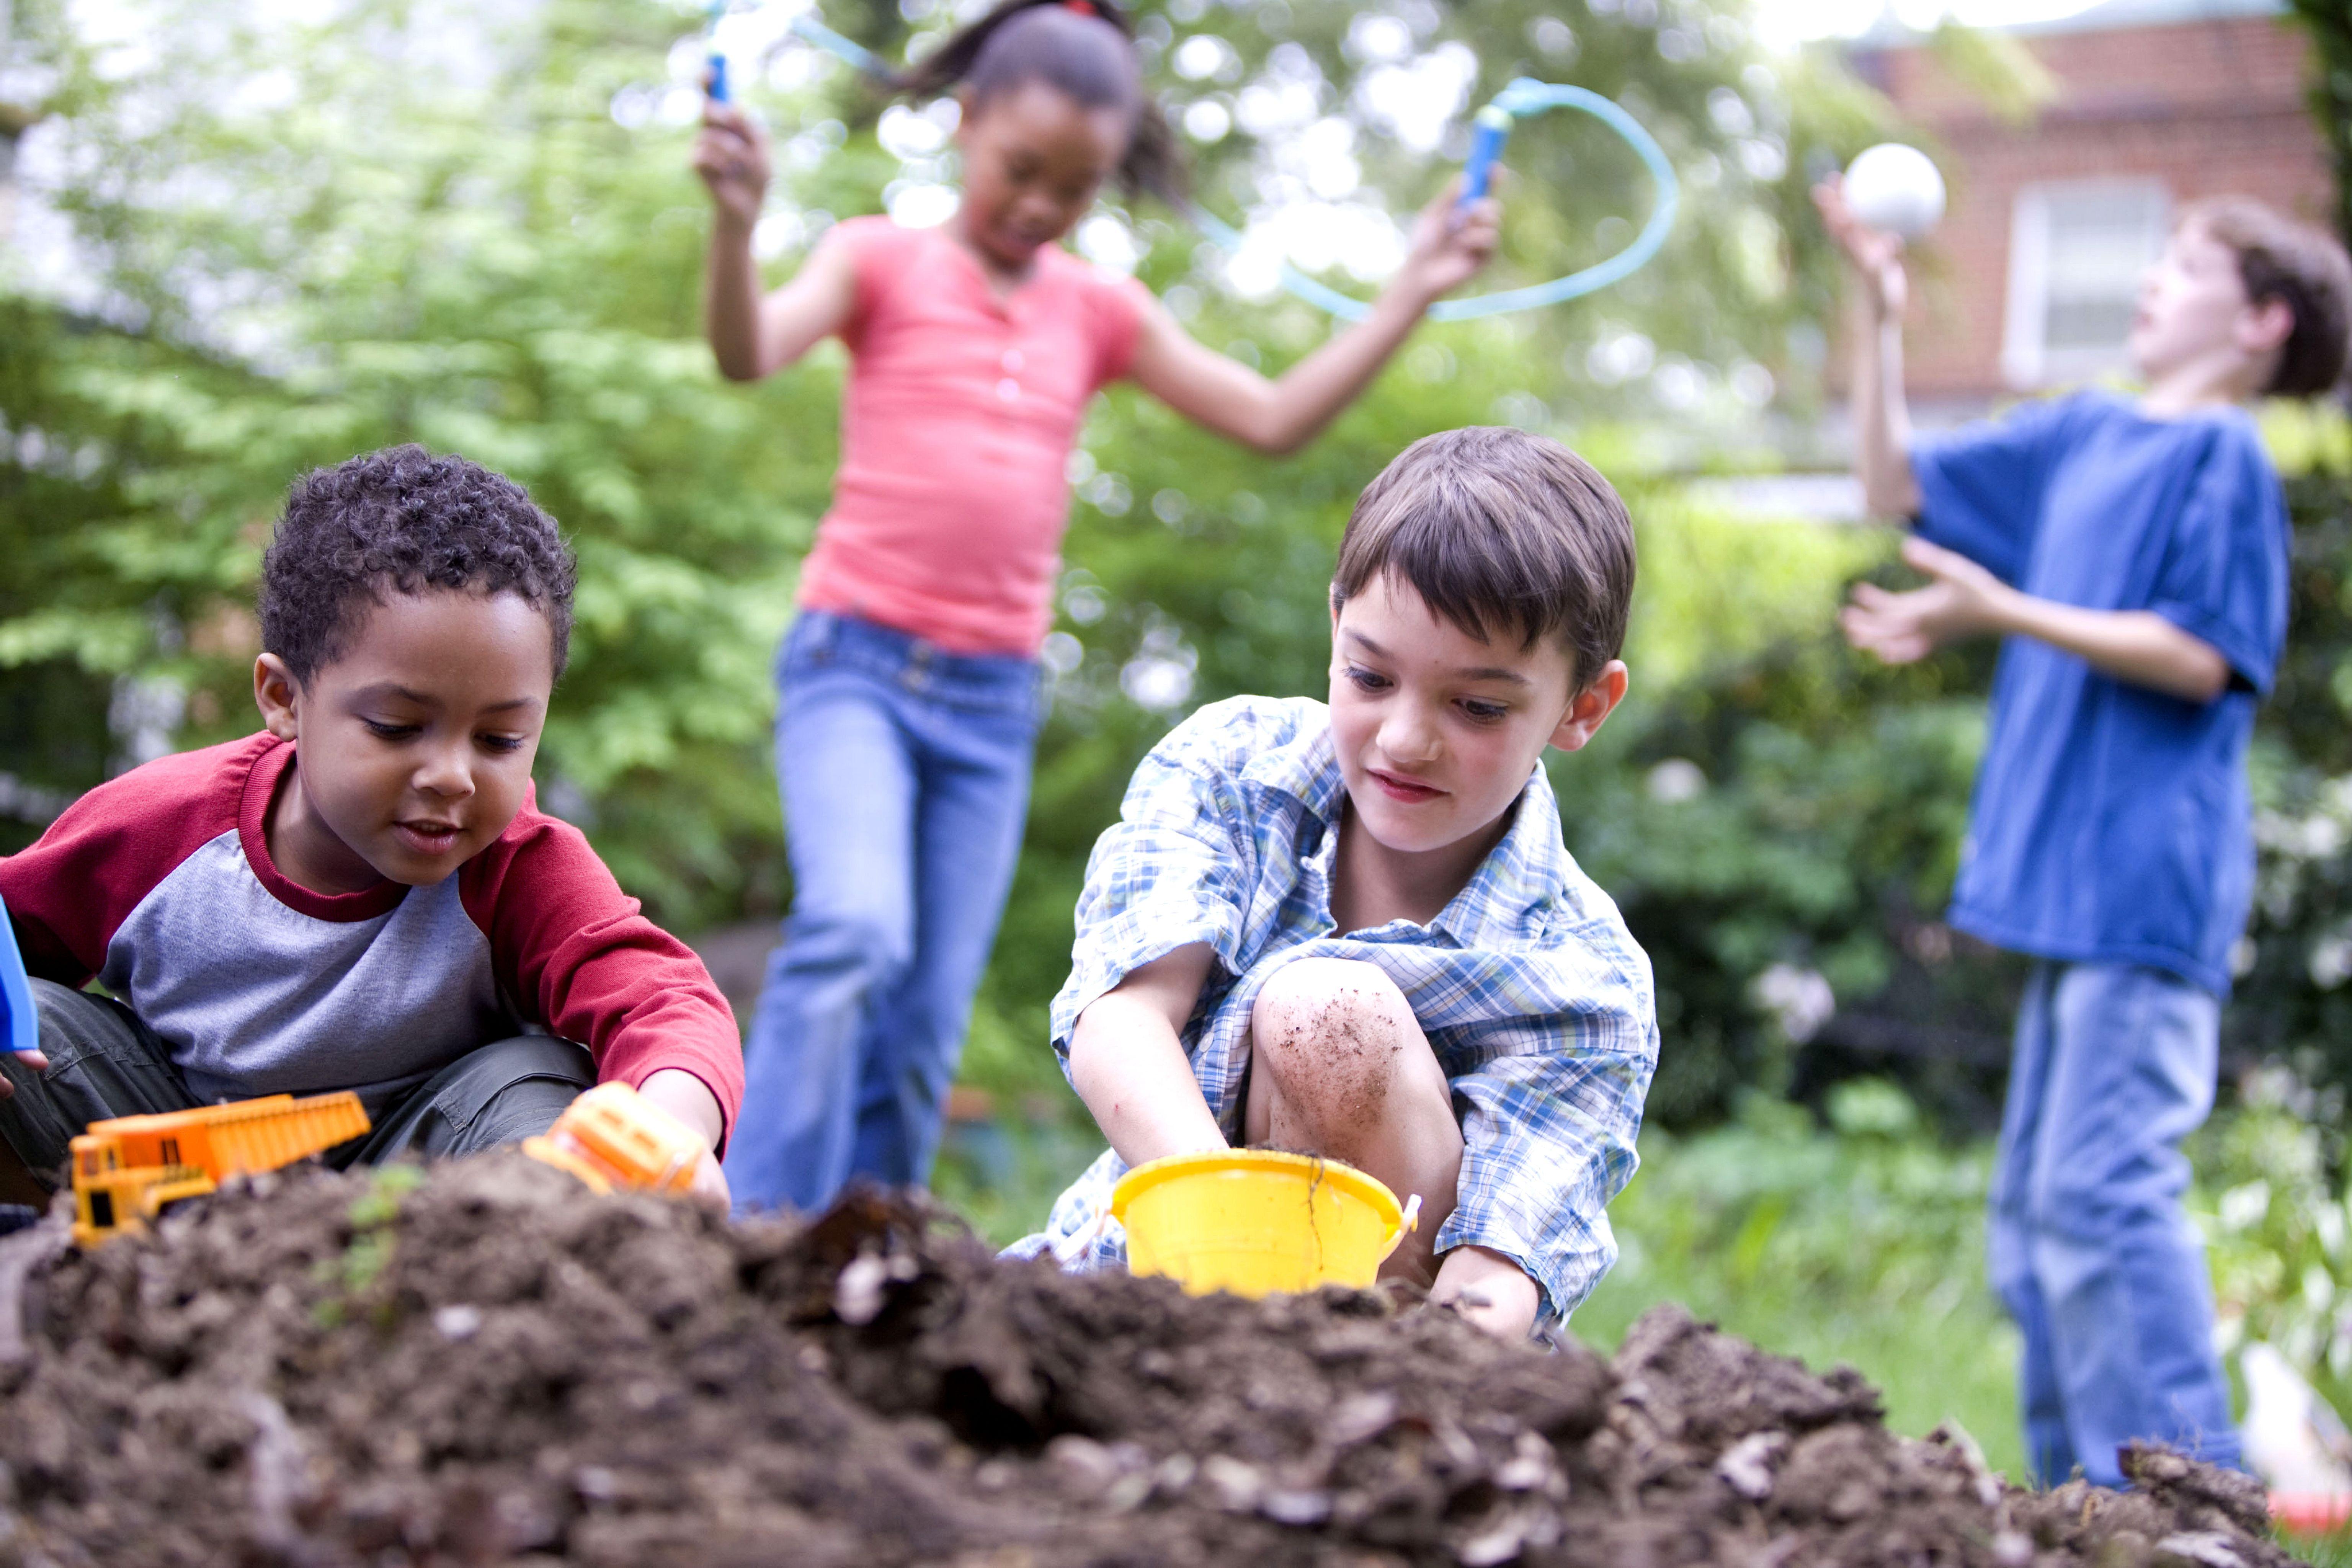 ילדים משחקים ולומדים יחדיו במשחקים חינוכיים